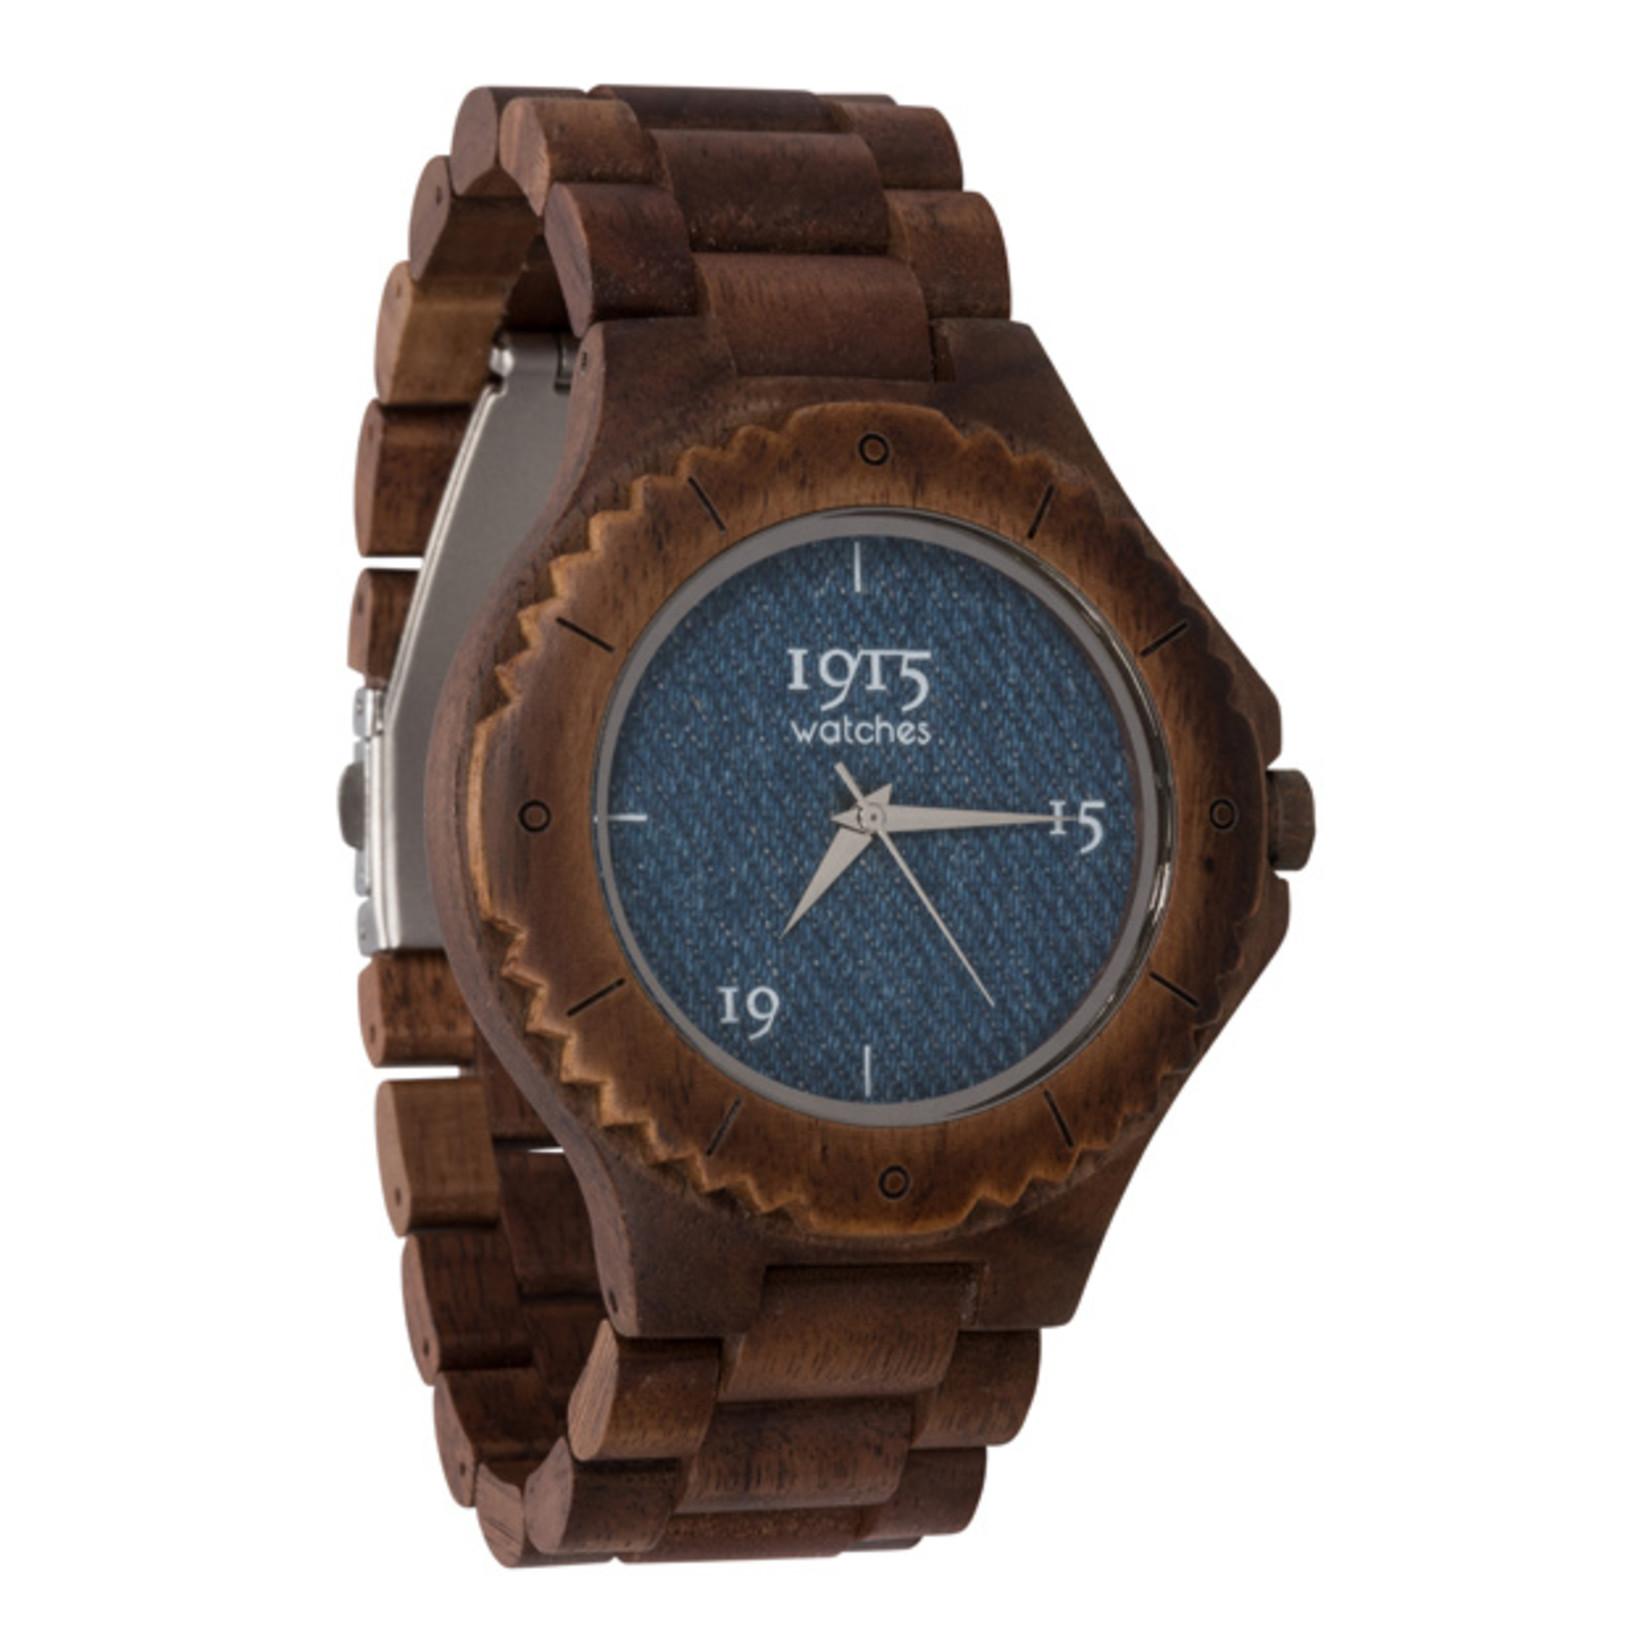 1915 watches 1915 watch men denim   Houten heren horloge